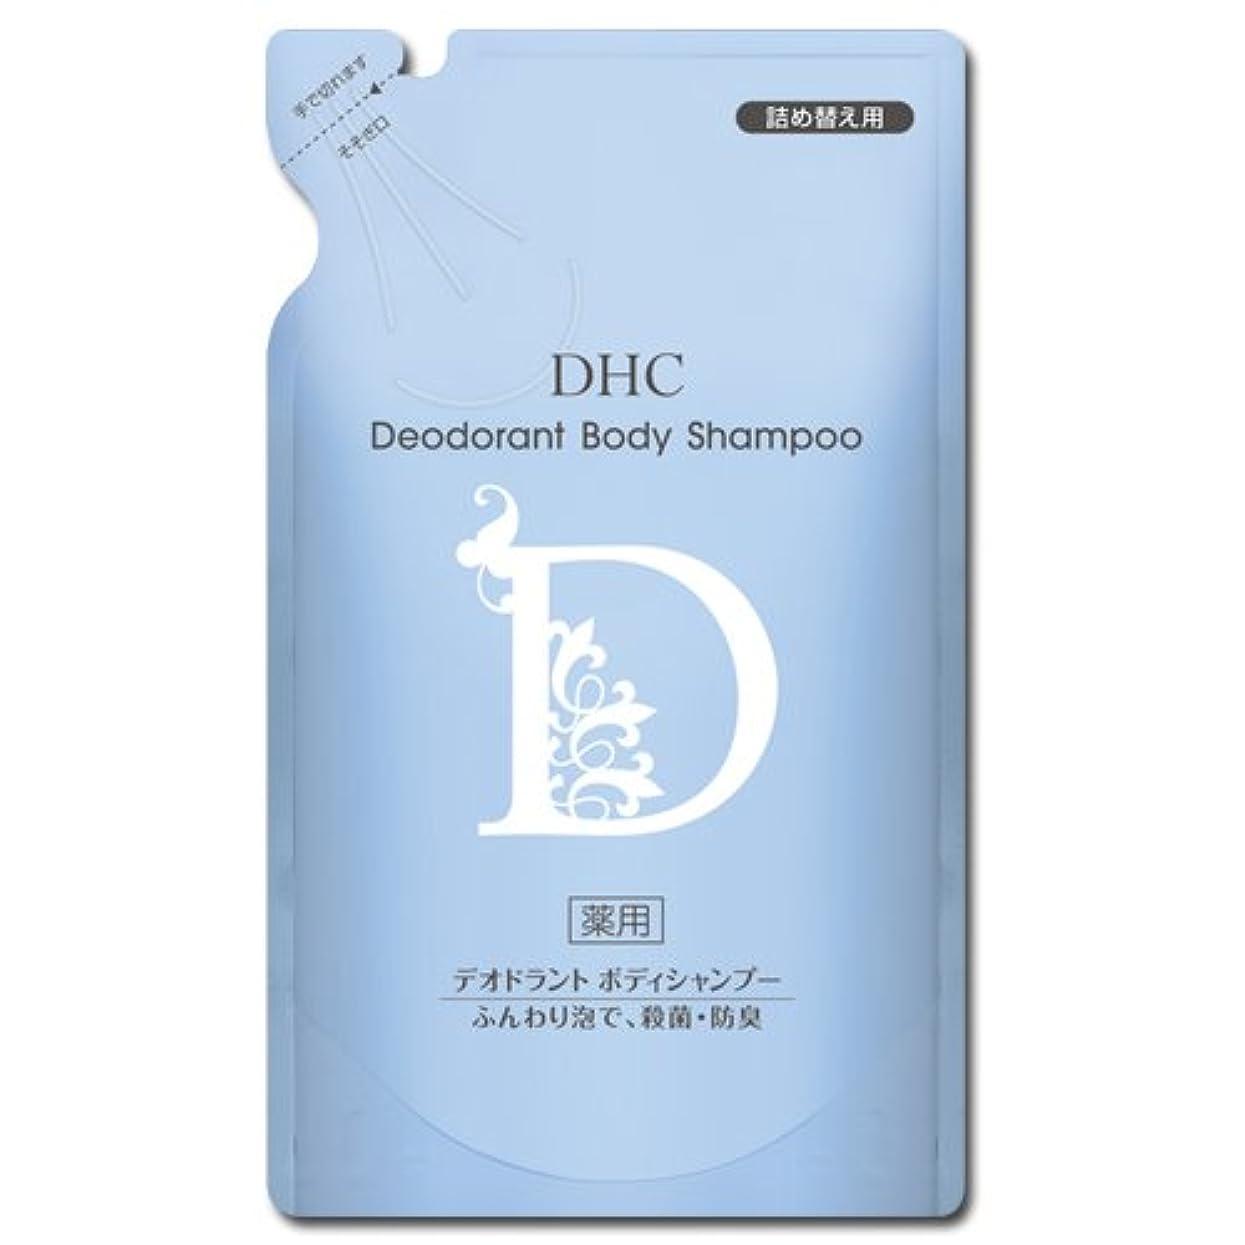 冷淡な不条理誠実【医薬部外品】DHC薬用デオドラント ボディシャンプー 詰め替え用